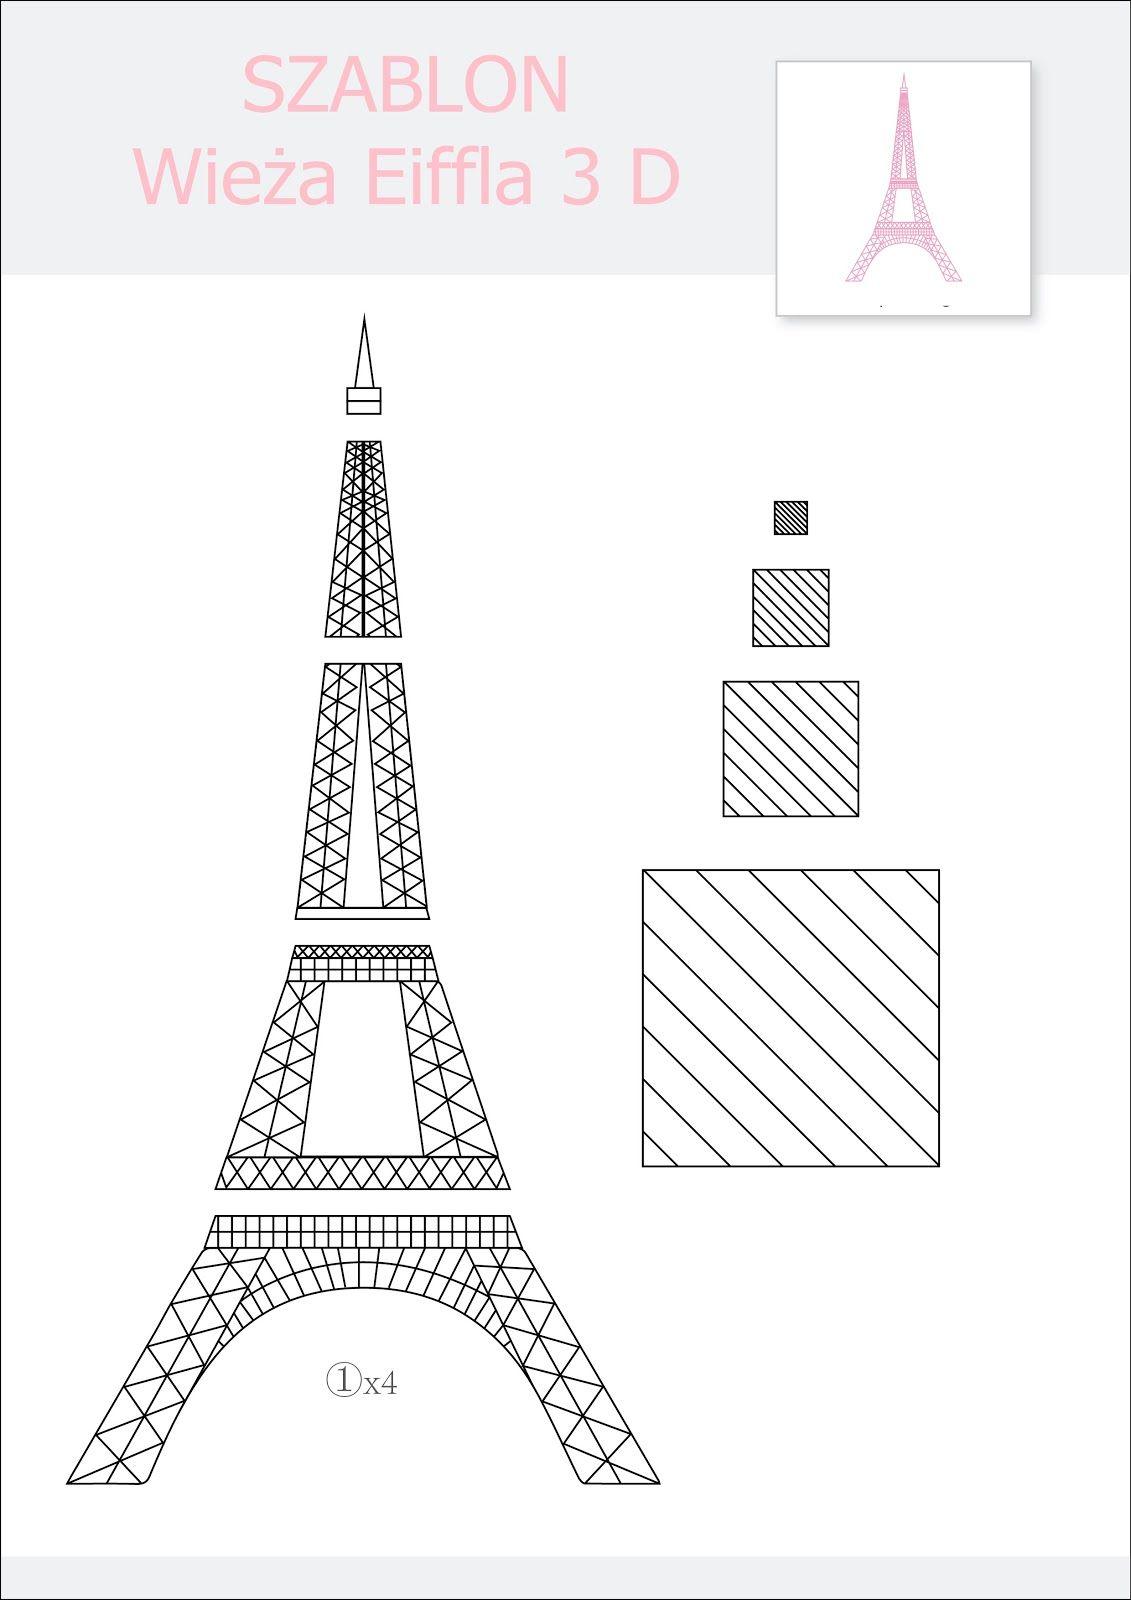 Wyswietlam Wieza Eiffla 3d Jpg 3d Pen 3d Drawing Pen Pen Design